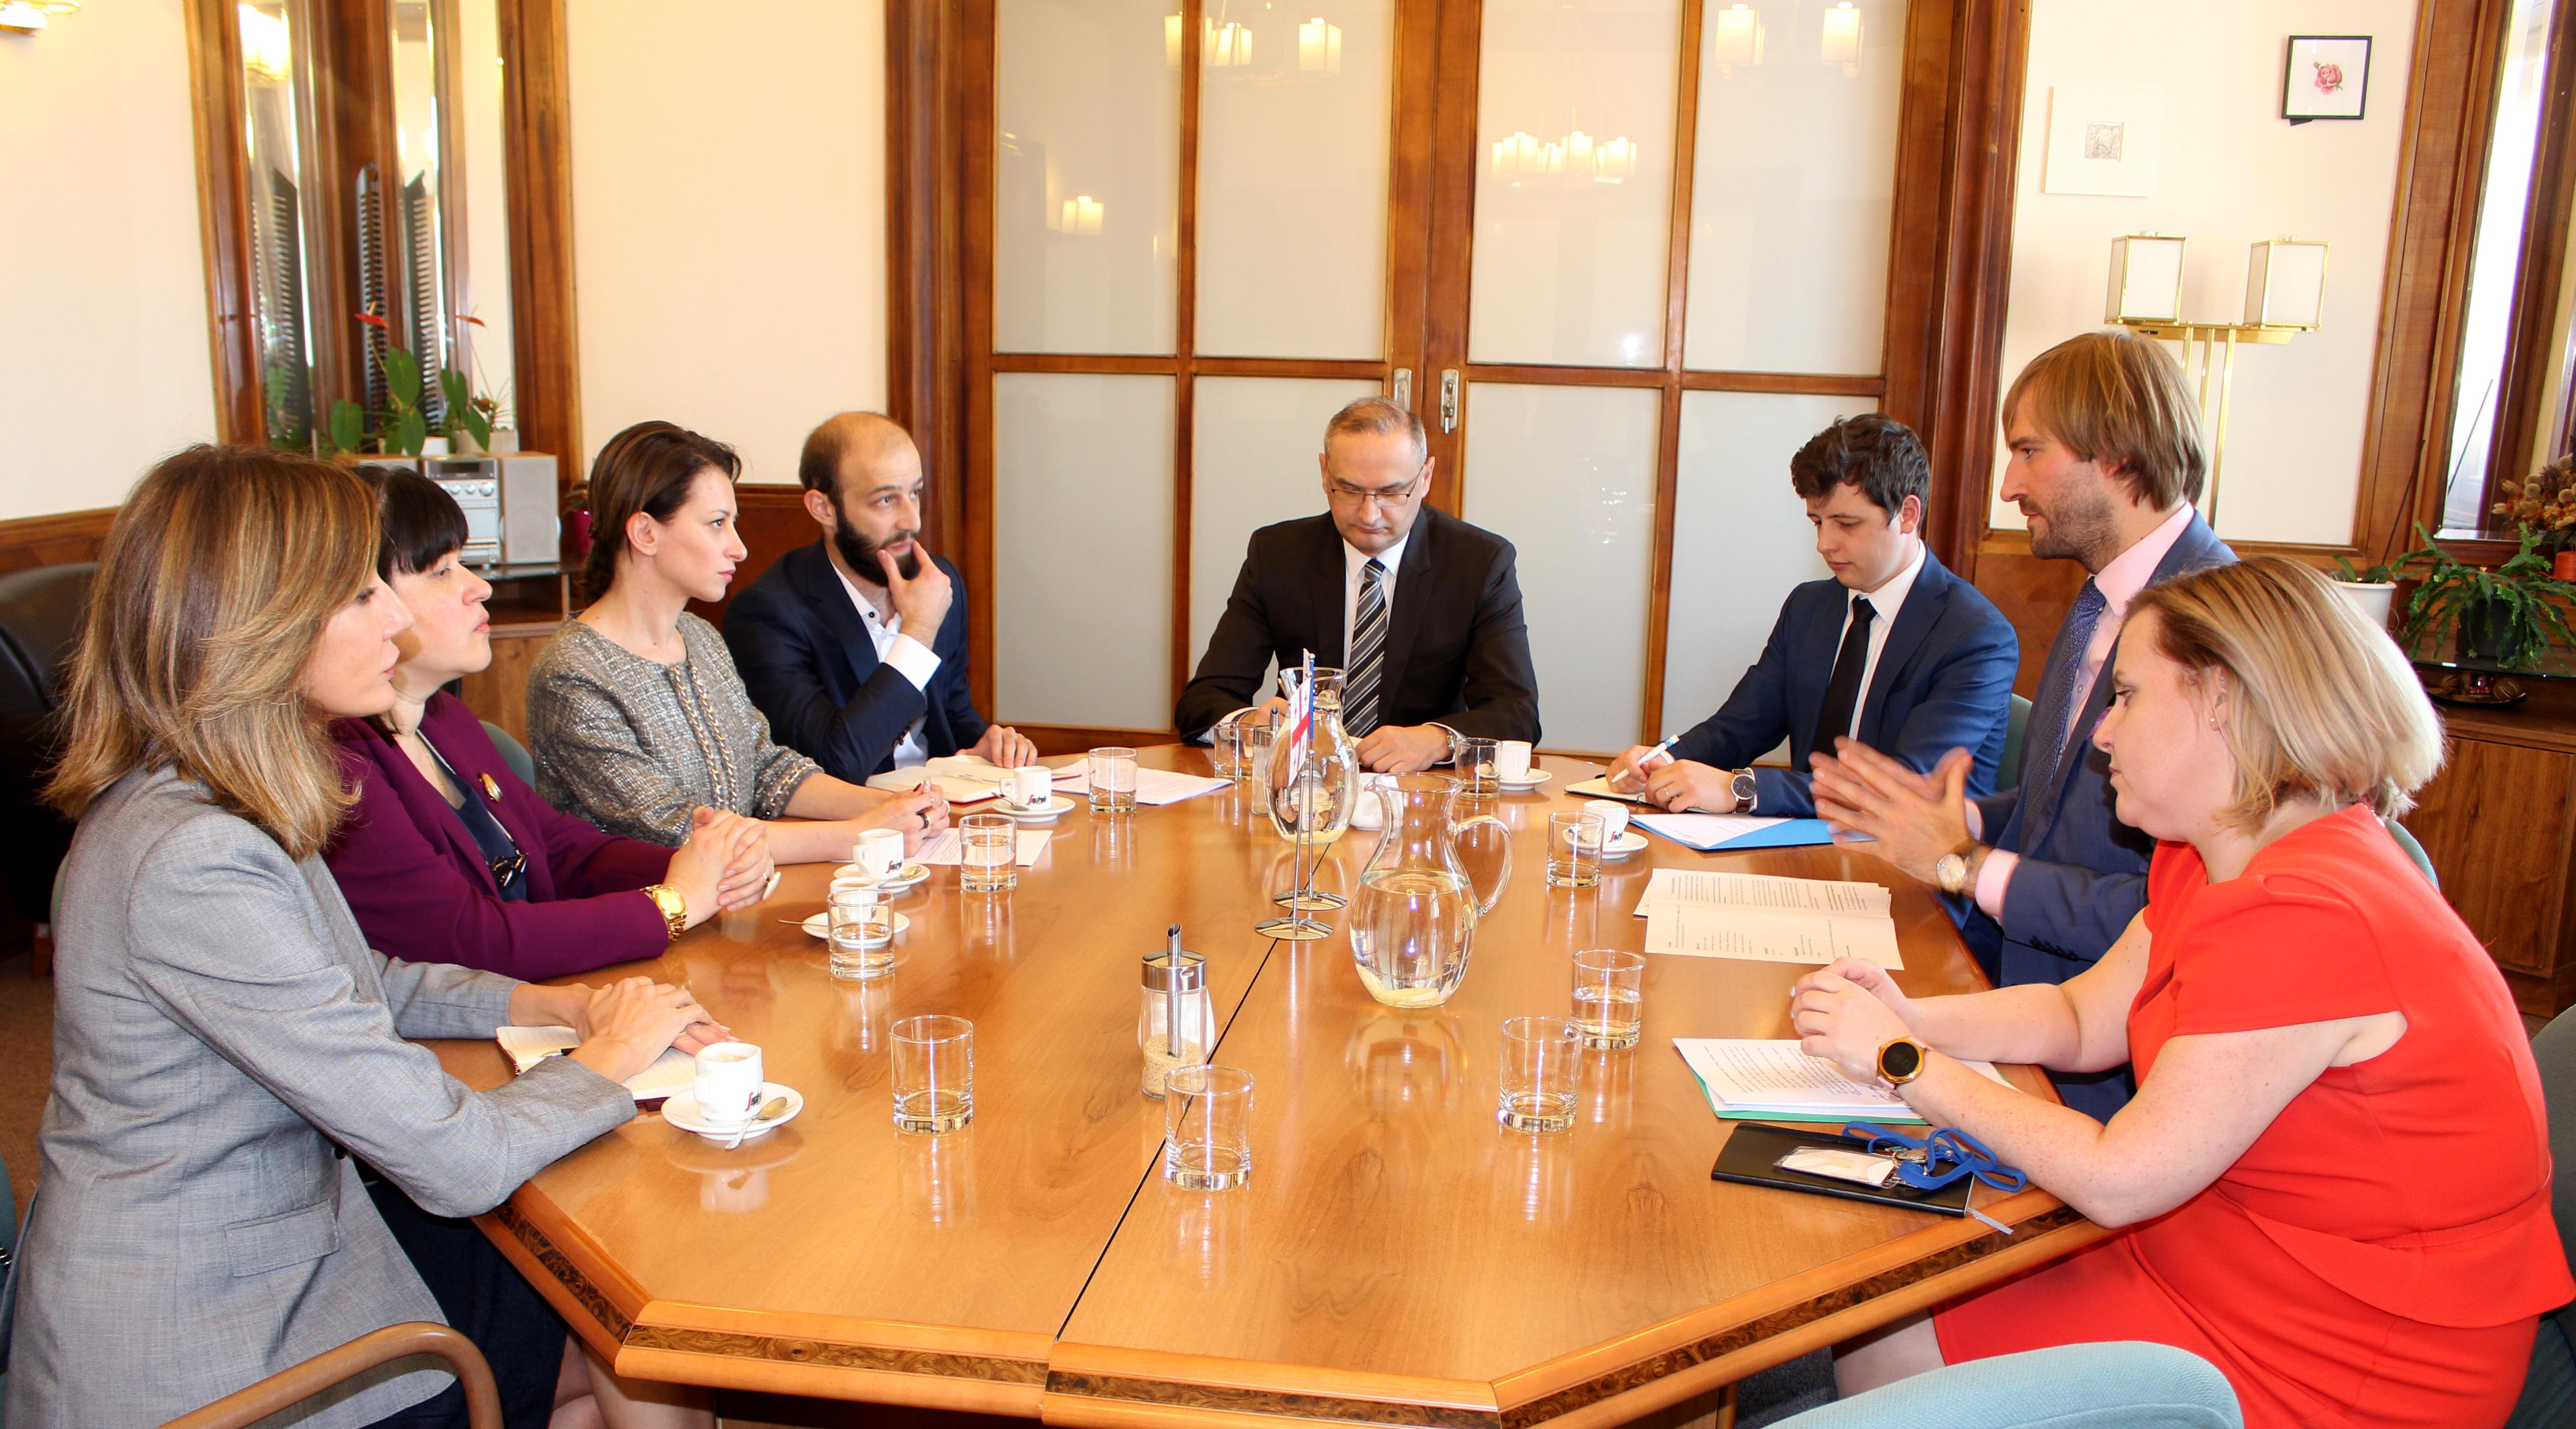 შეხვედრა ჩეხეთის რესპუბლიკის ჯანდაცვის მინისტრთან